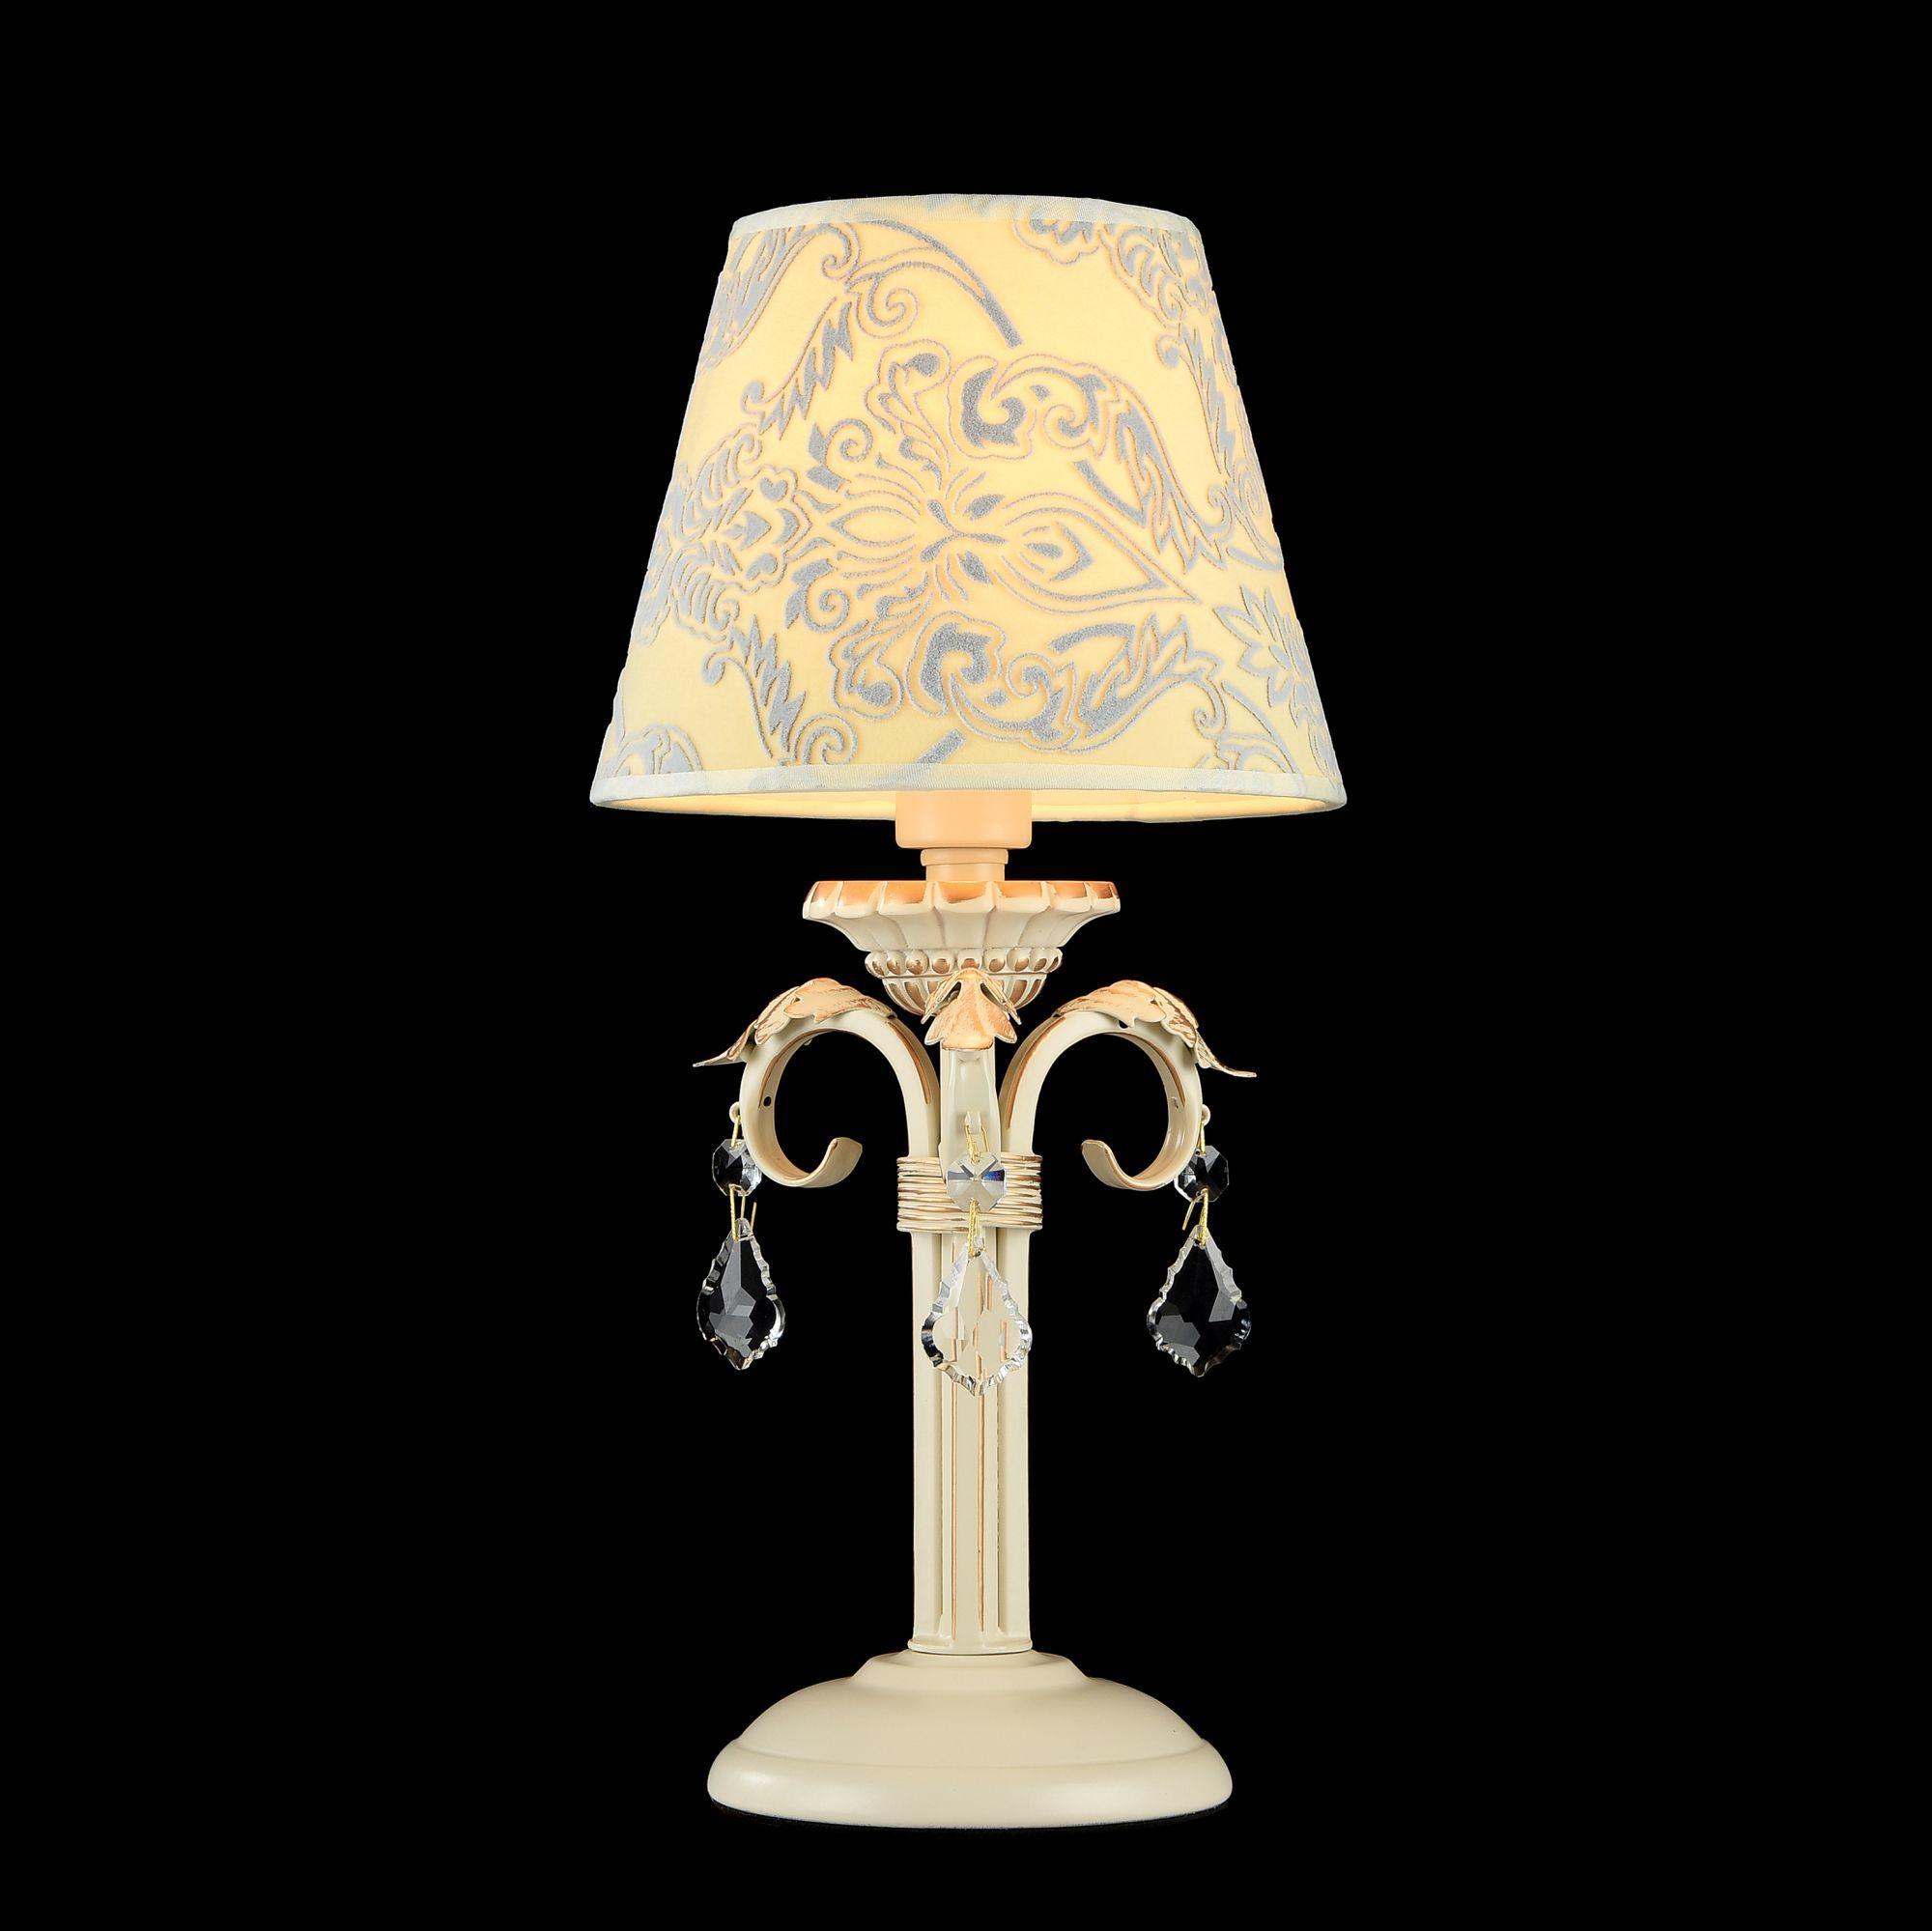 Настольная лампа Maytoni Velvet ARM219-00-G, 1xE14x40W, белый, матовое золото, бежевый, прозрачный, металл, текстиль, стекло - фото 3